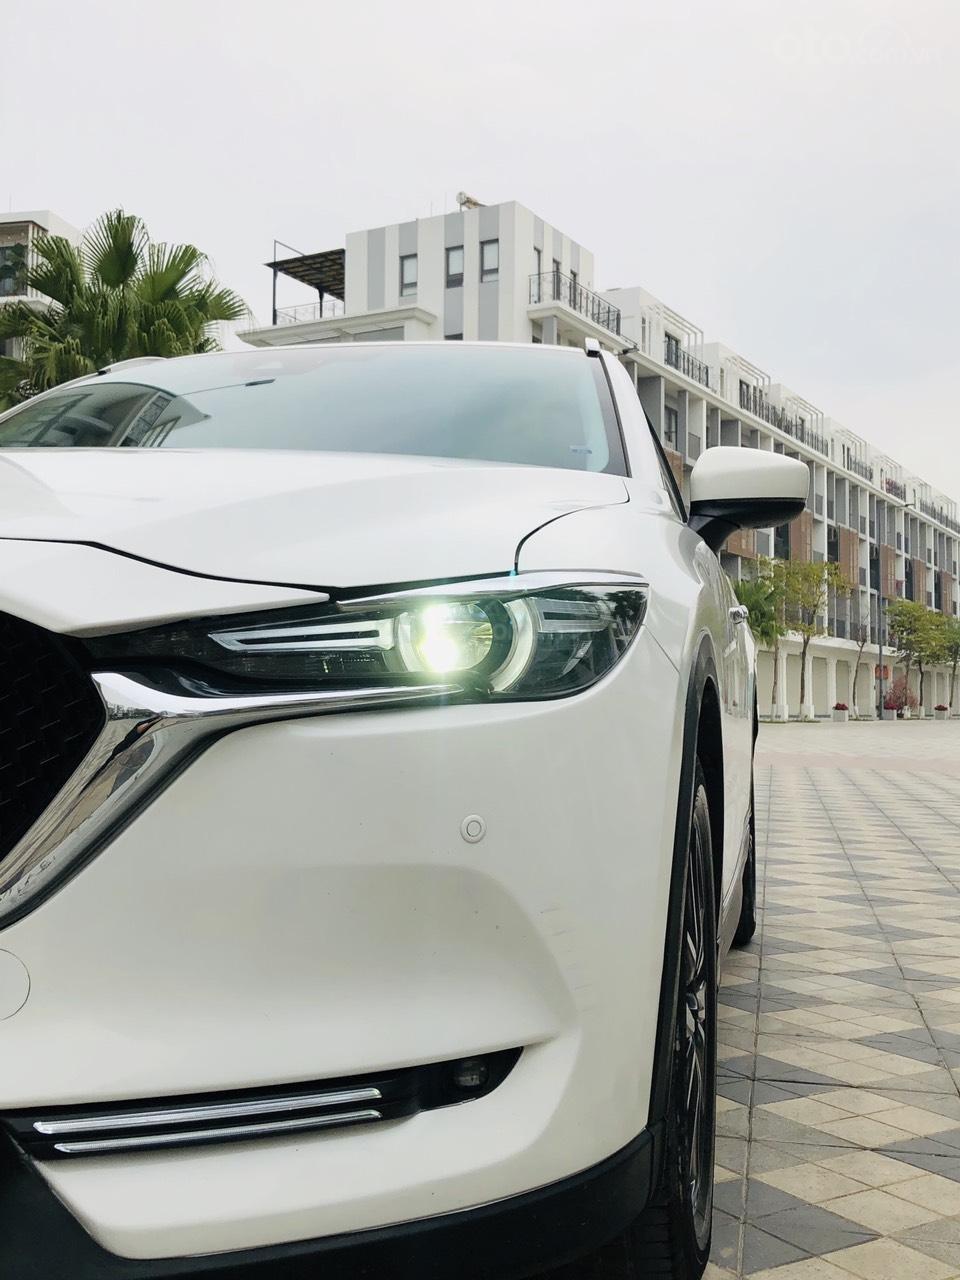 [Hot] bán nhanh Mazda CX5 2.5 đời 2018 màu trắng, xe 1 chủ từ đầu biển HN, xe đẹp không 1 lỗi nhỏ (7)